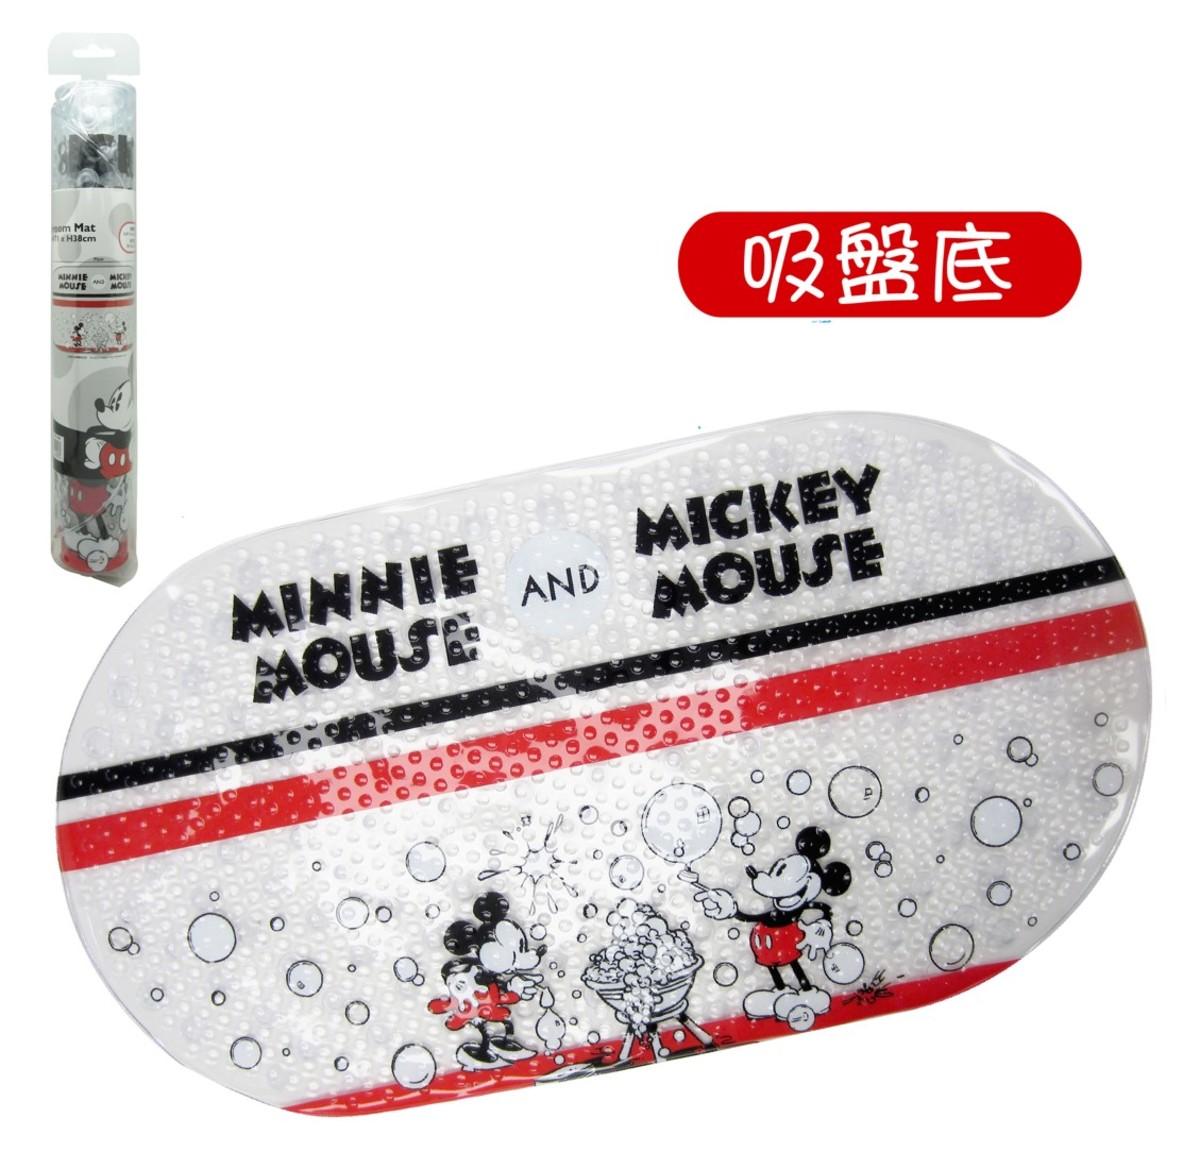 浴室防滑墊 B (迪士尼許可產品)